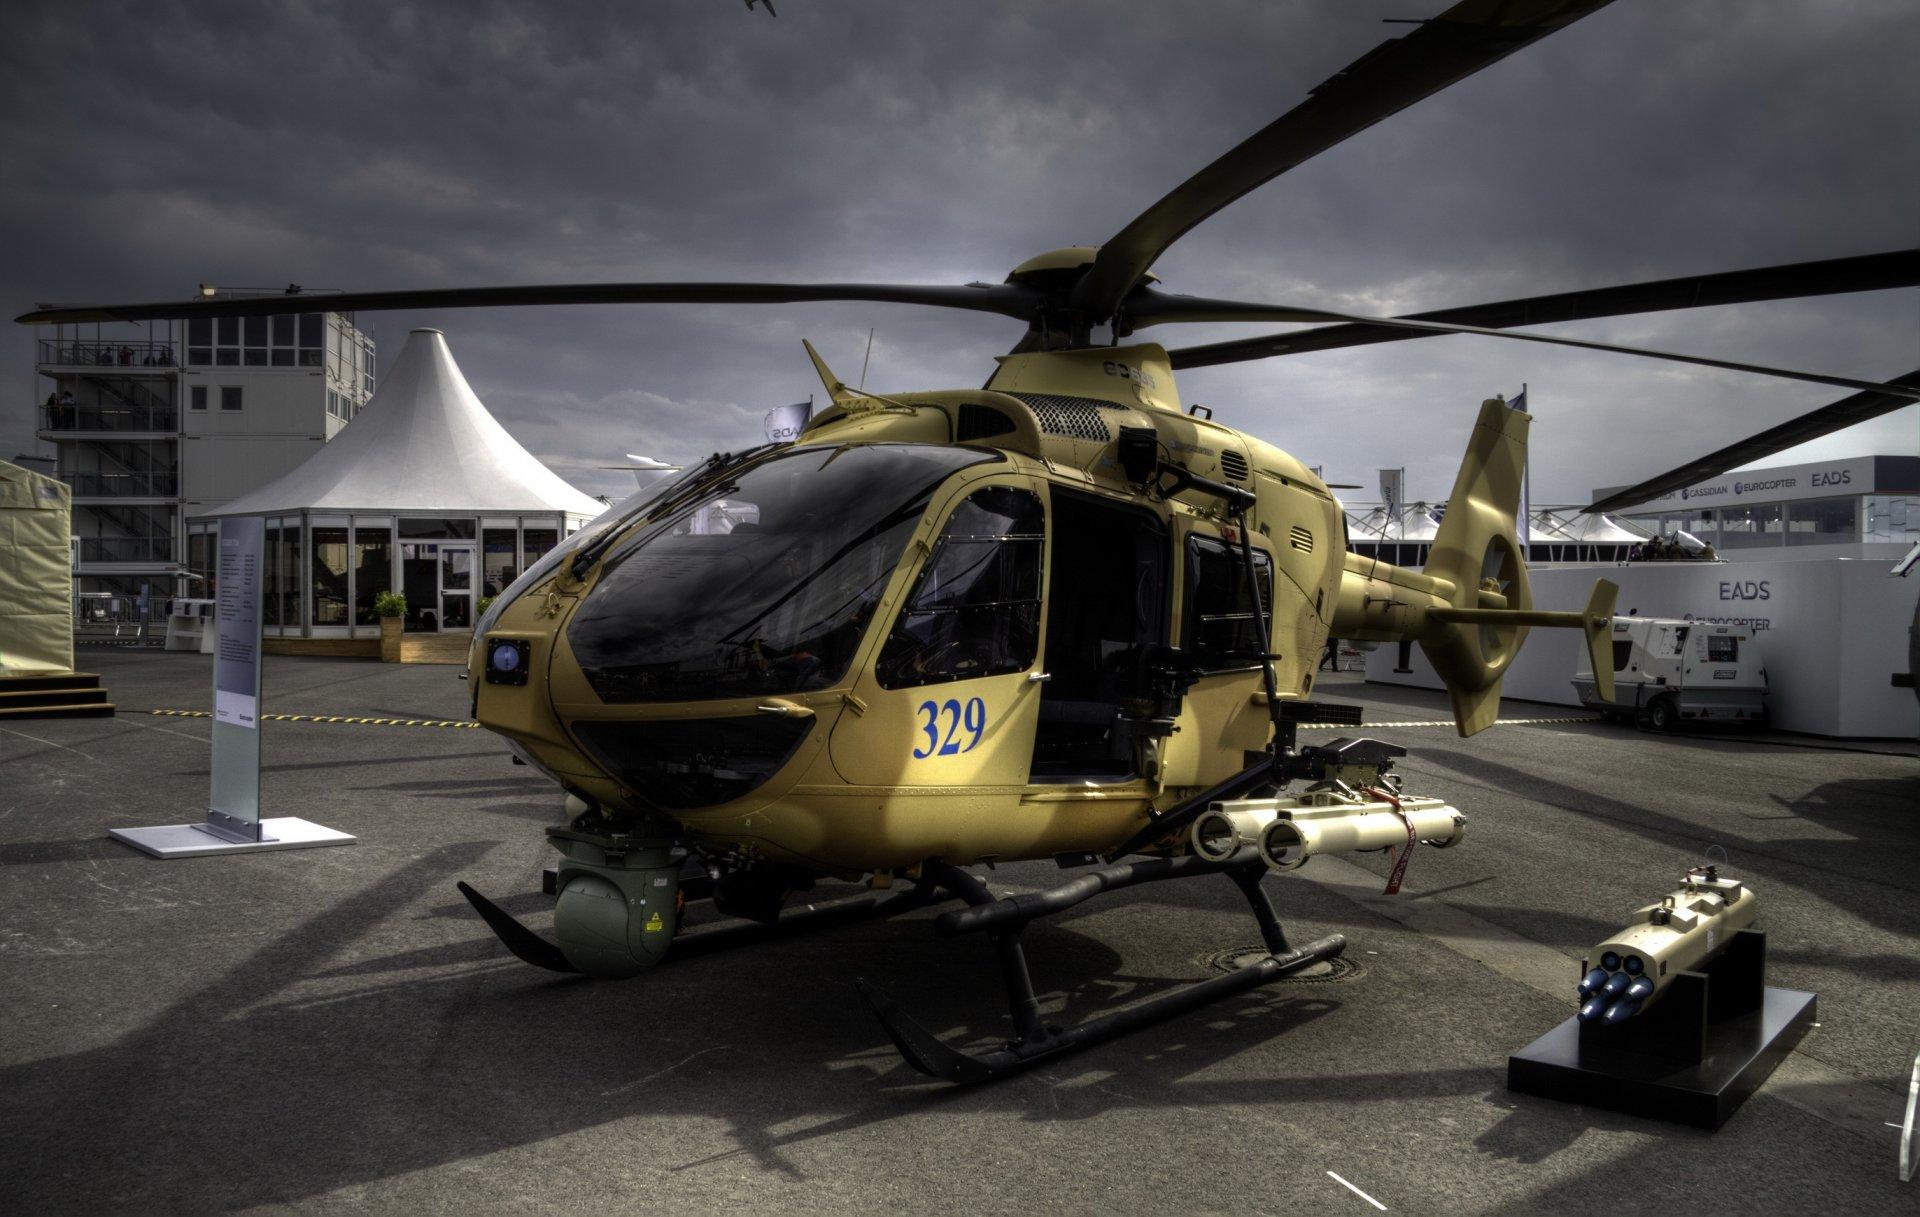 одна самый крутой вертолет картинки мастер берется